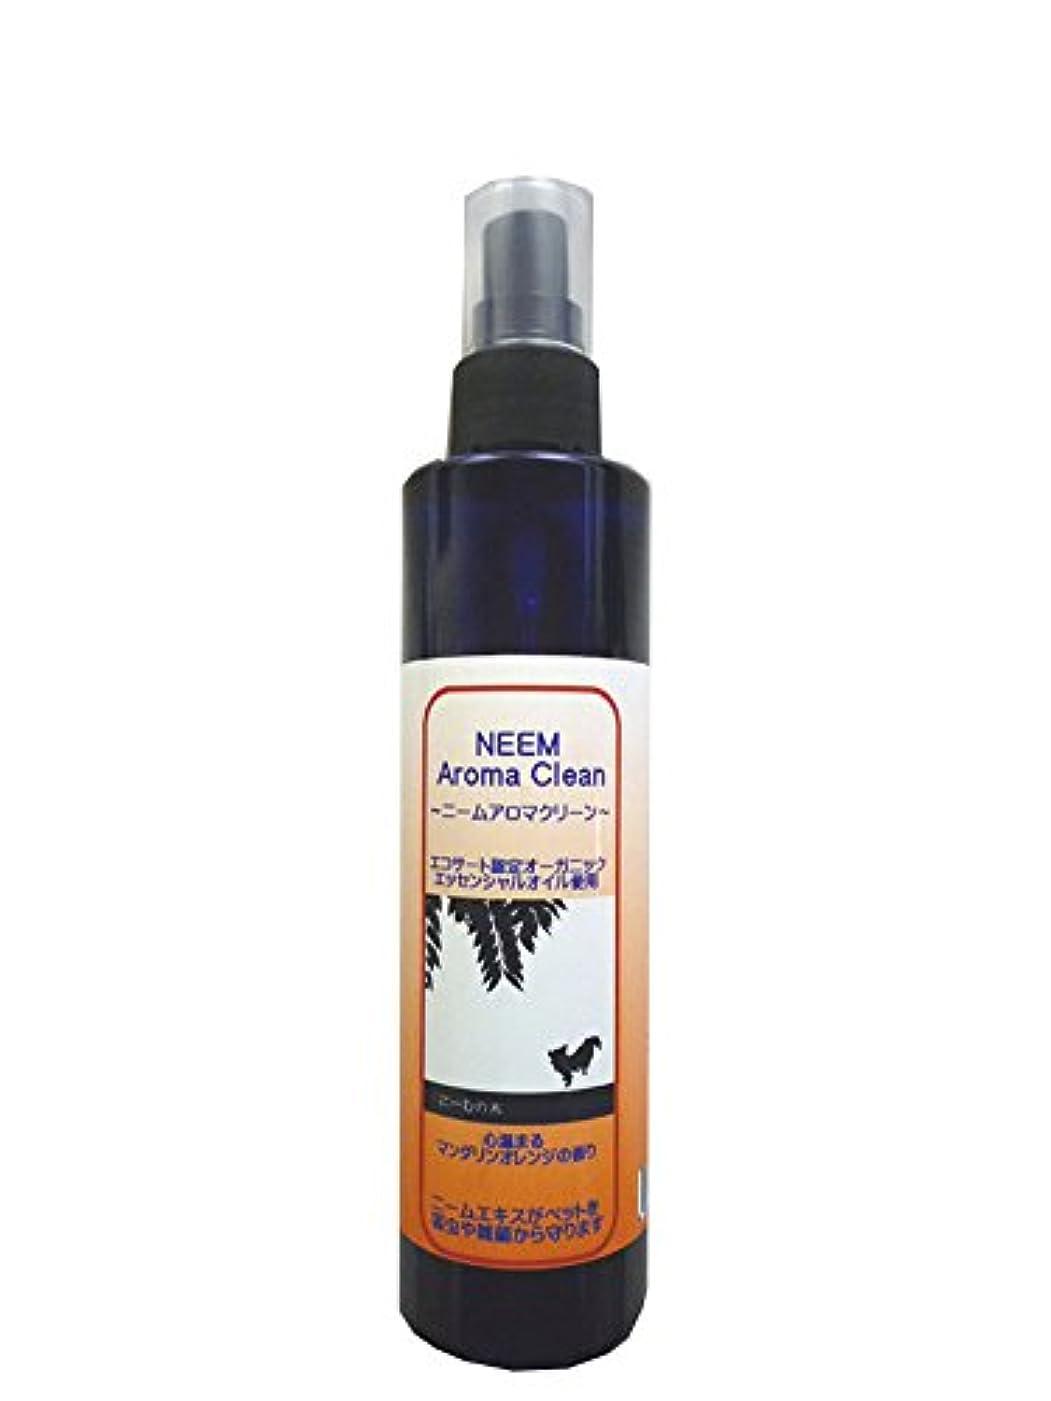 合併差別的ドアミラーニームアロマクリーン(マンダリンオレンジ) NEEM Aroma Clean 200ml 【BLOOM】【(ノミ・ダニ)駆除用としてもお使いいただけます。】